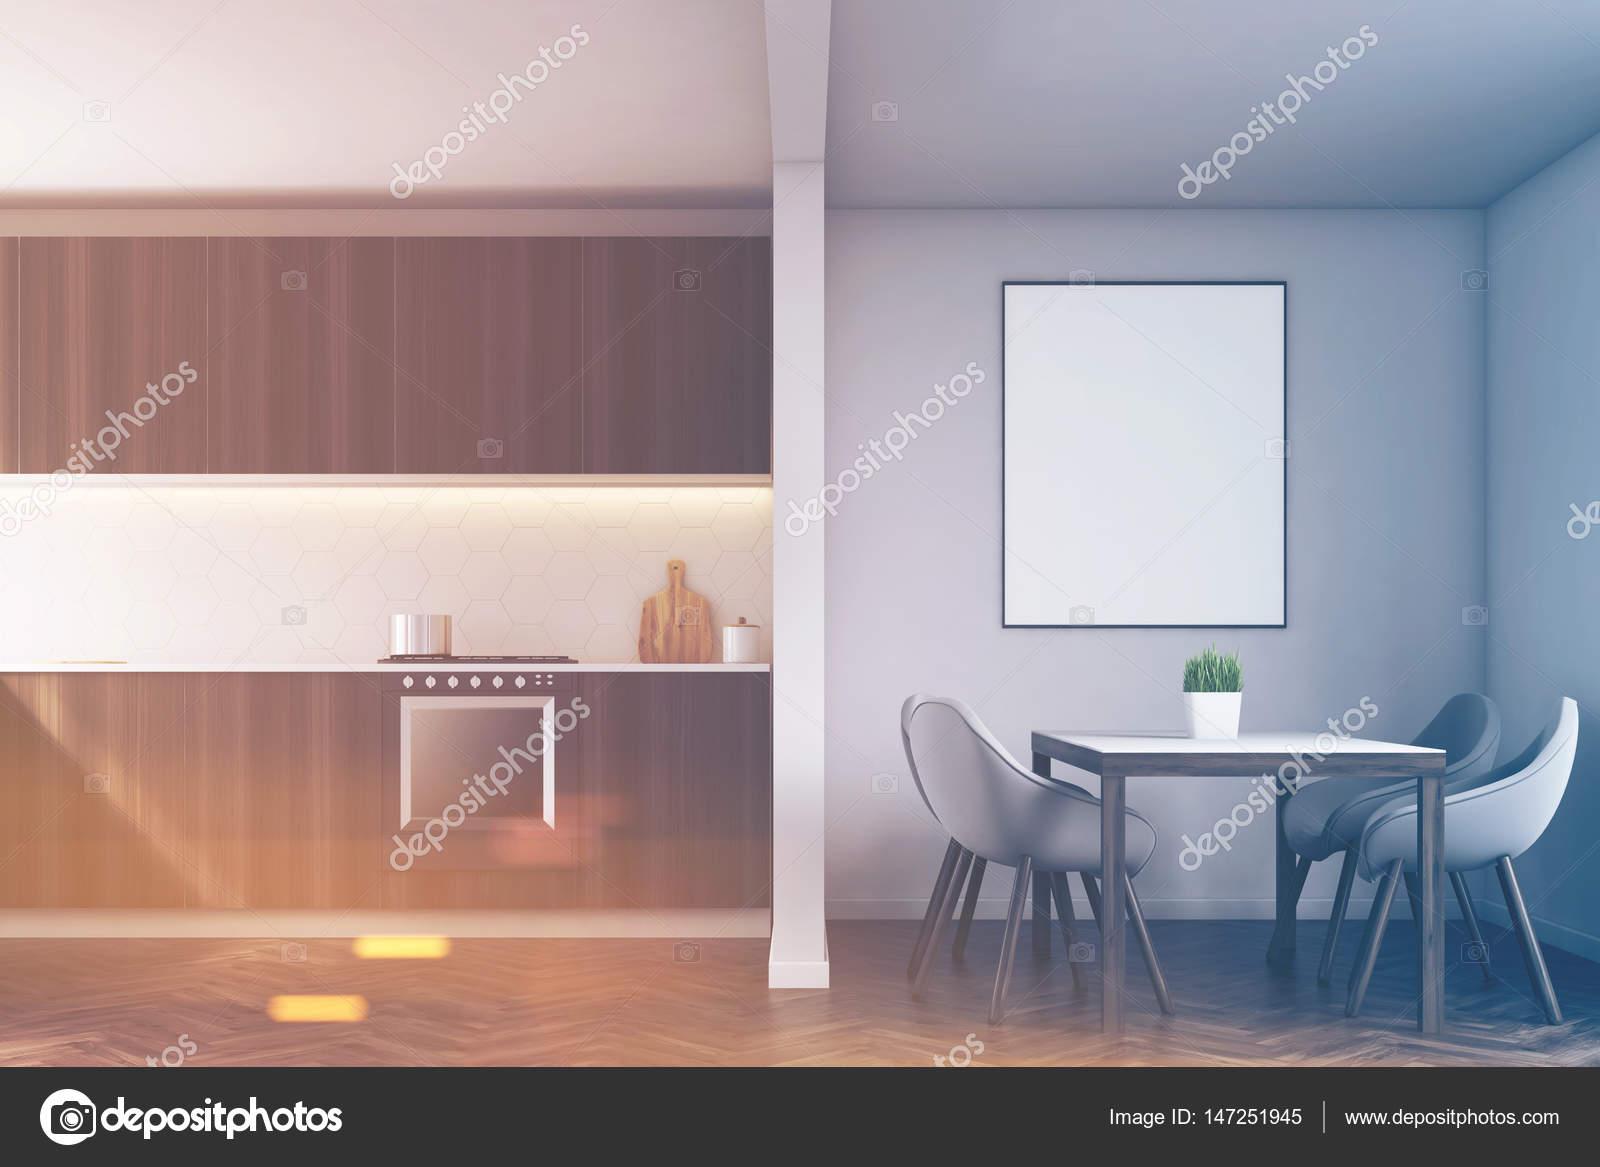 Bancone della cucina, tavolo e poster, tonica — Foto Stock ...